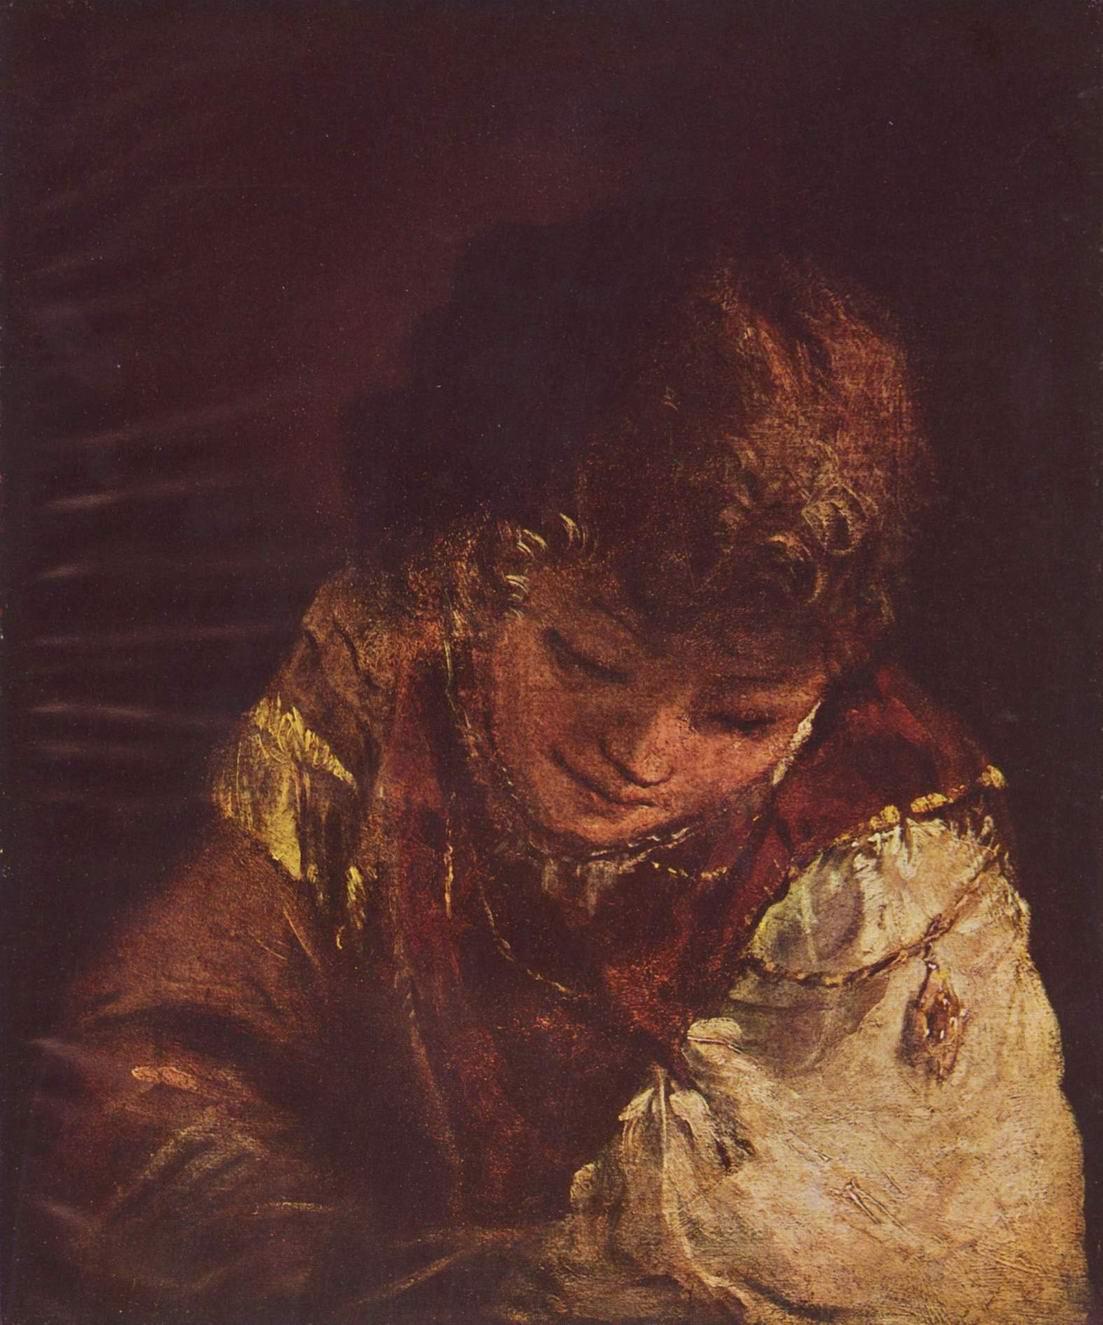 Молодой человек, Арт де Гелдер